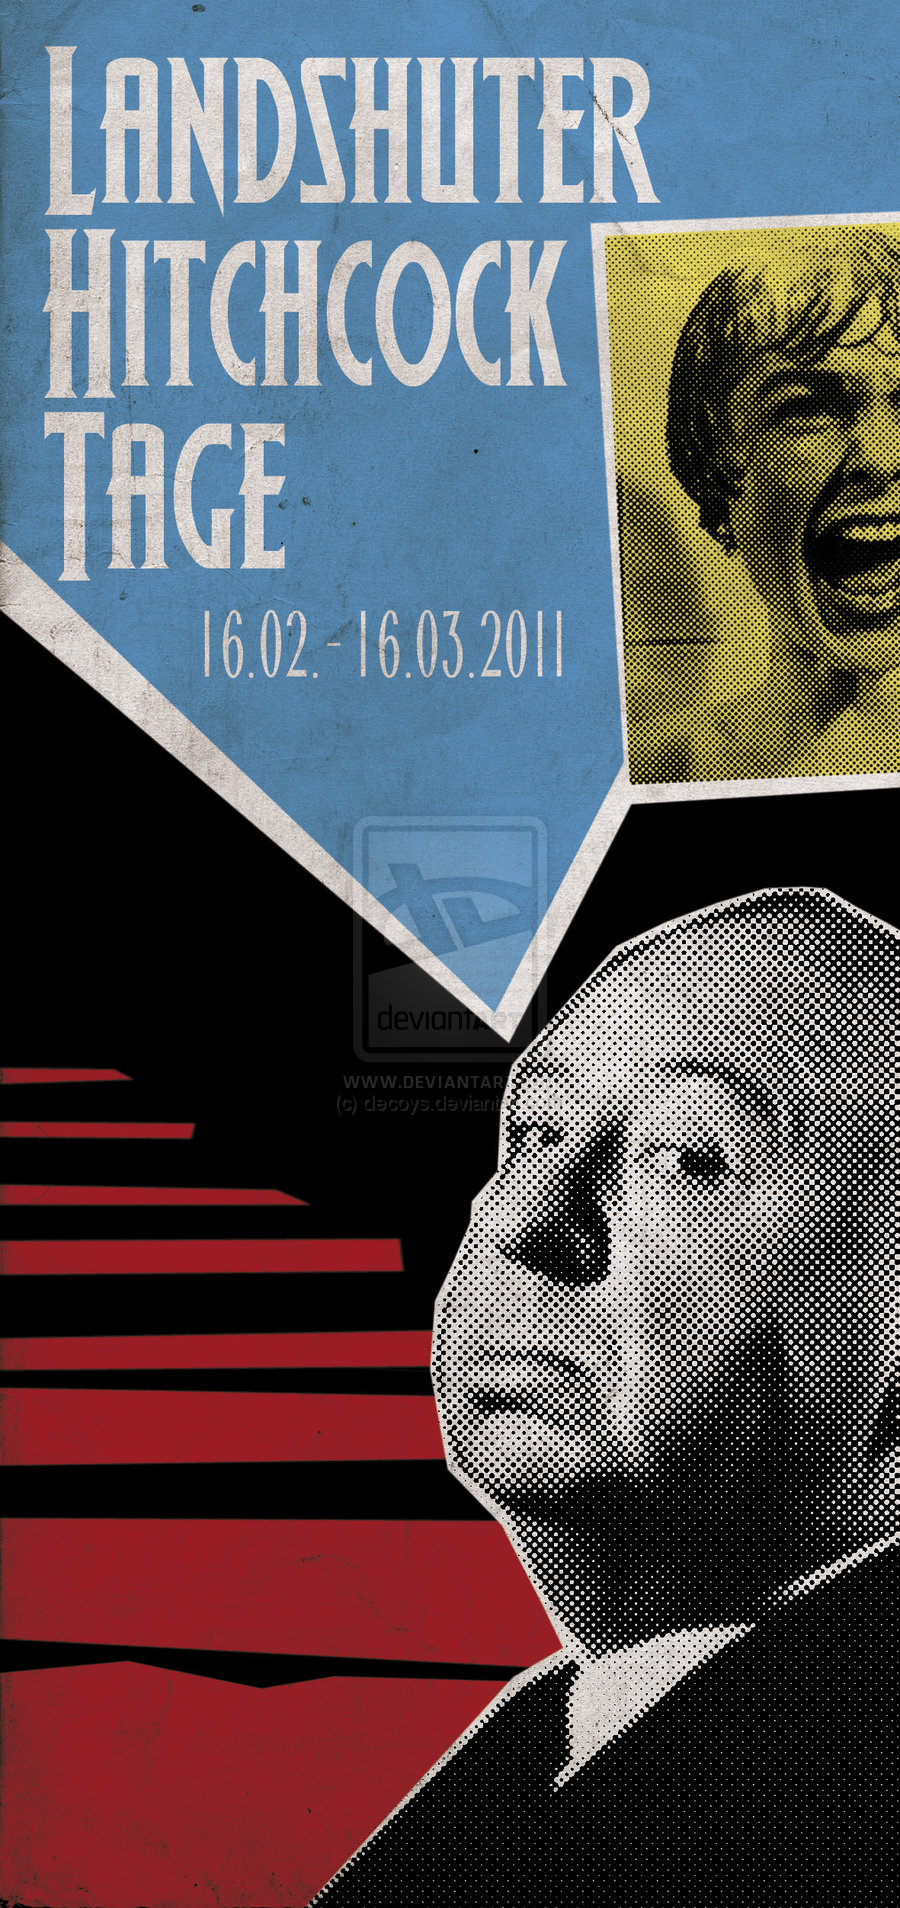 landshuter_hitchcock_tage_2011_folder_cover